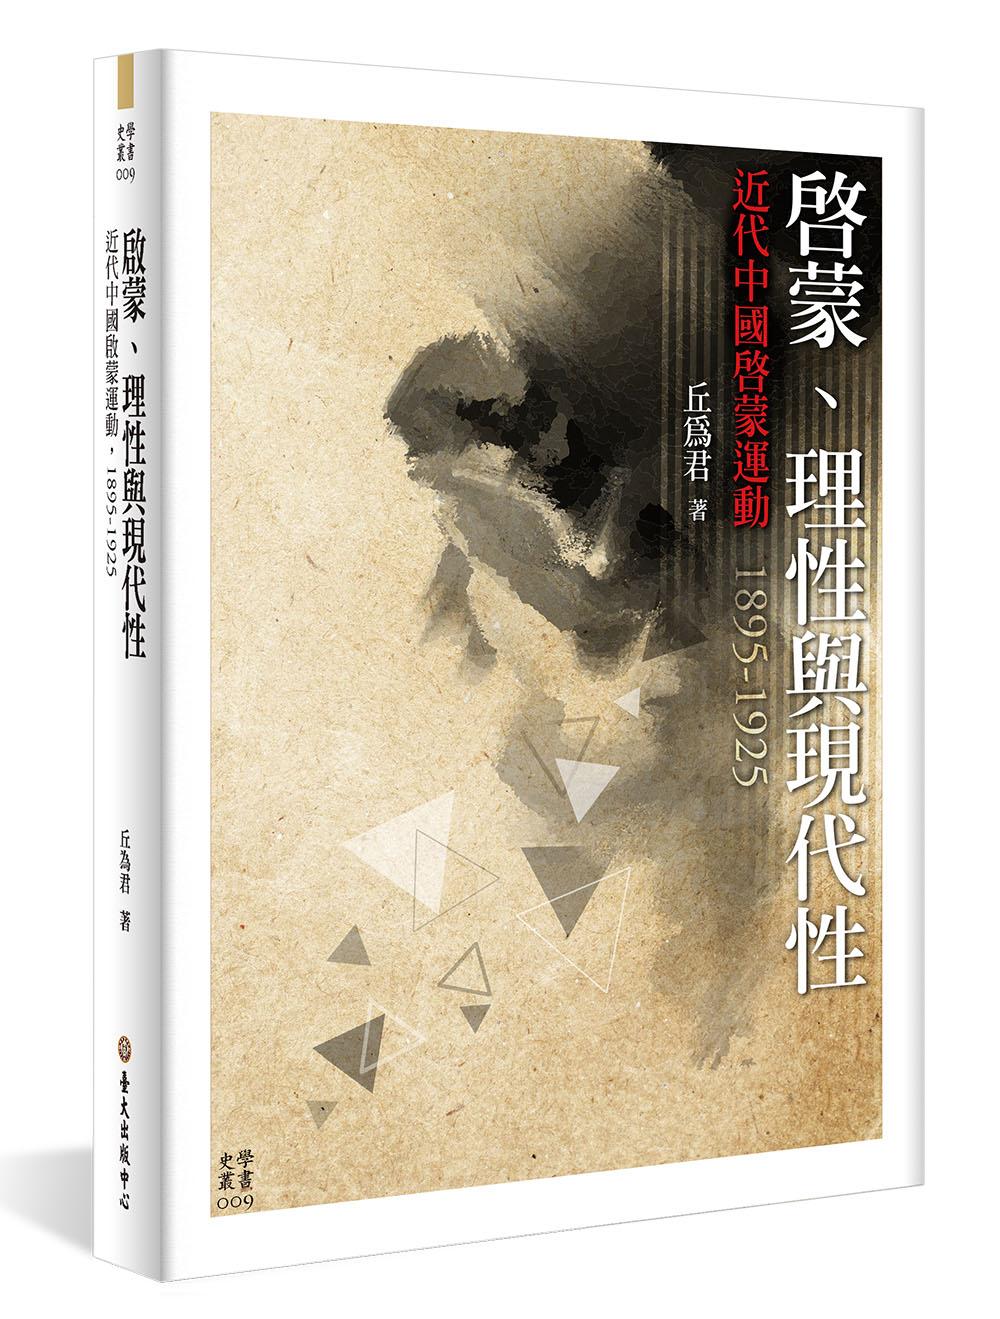 啟蒙、理性與現代性── 近代中國啟蒙運動,1895-1925